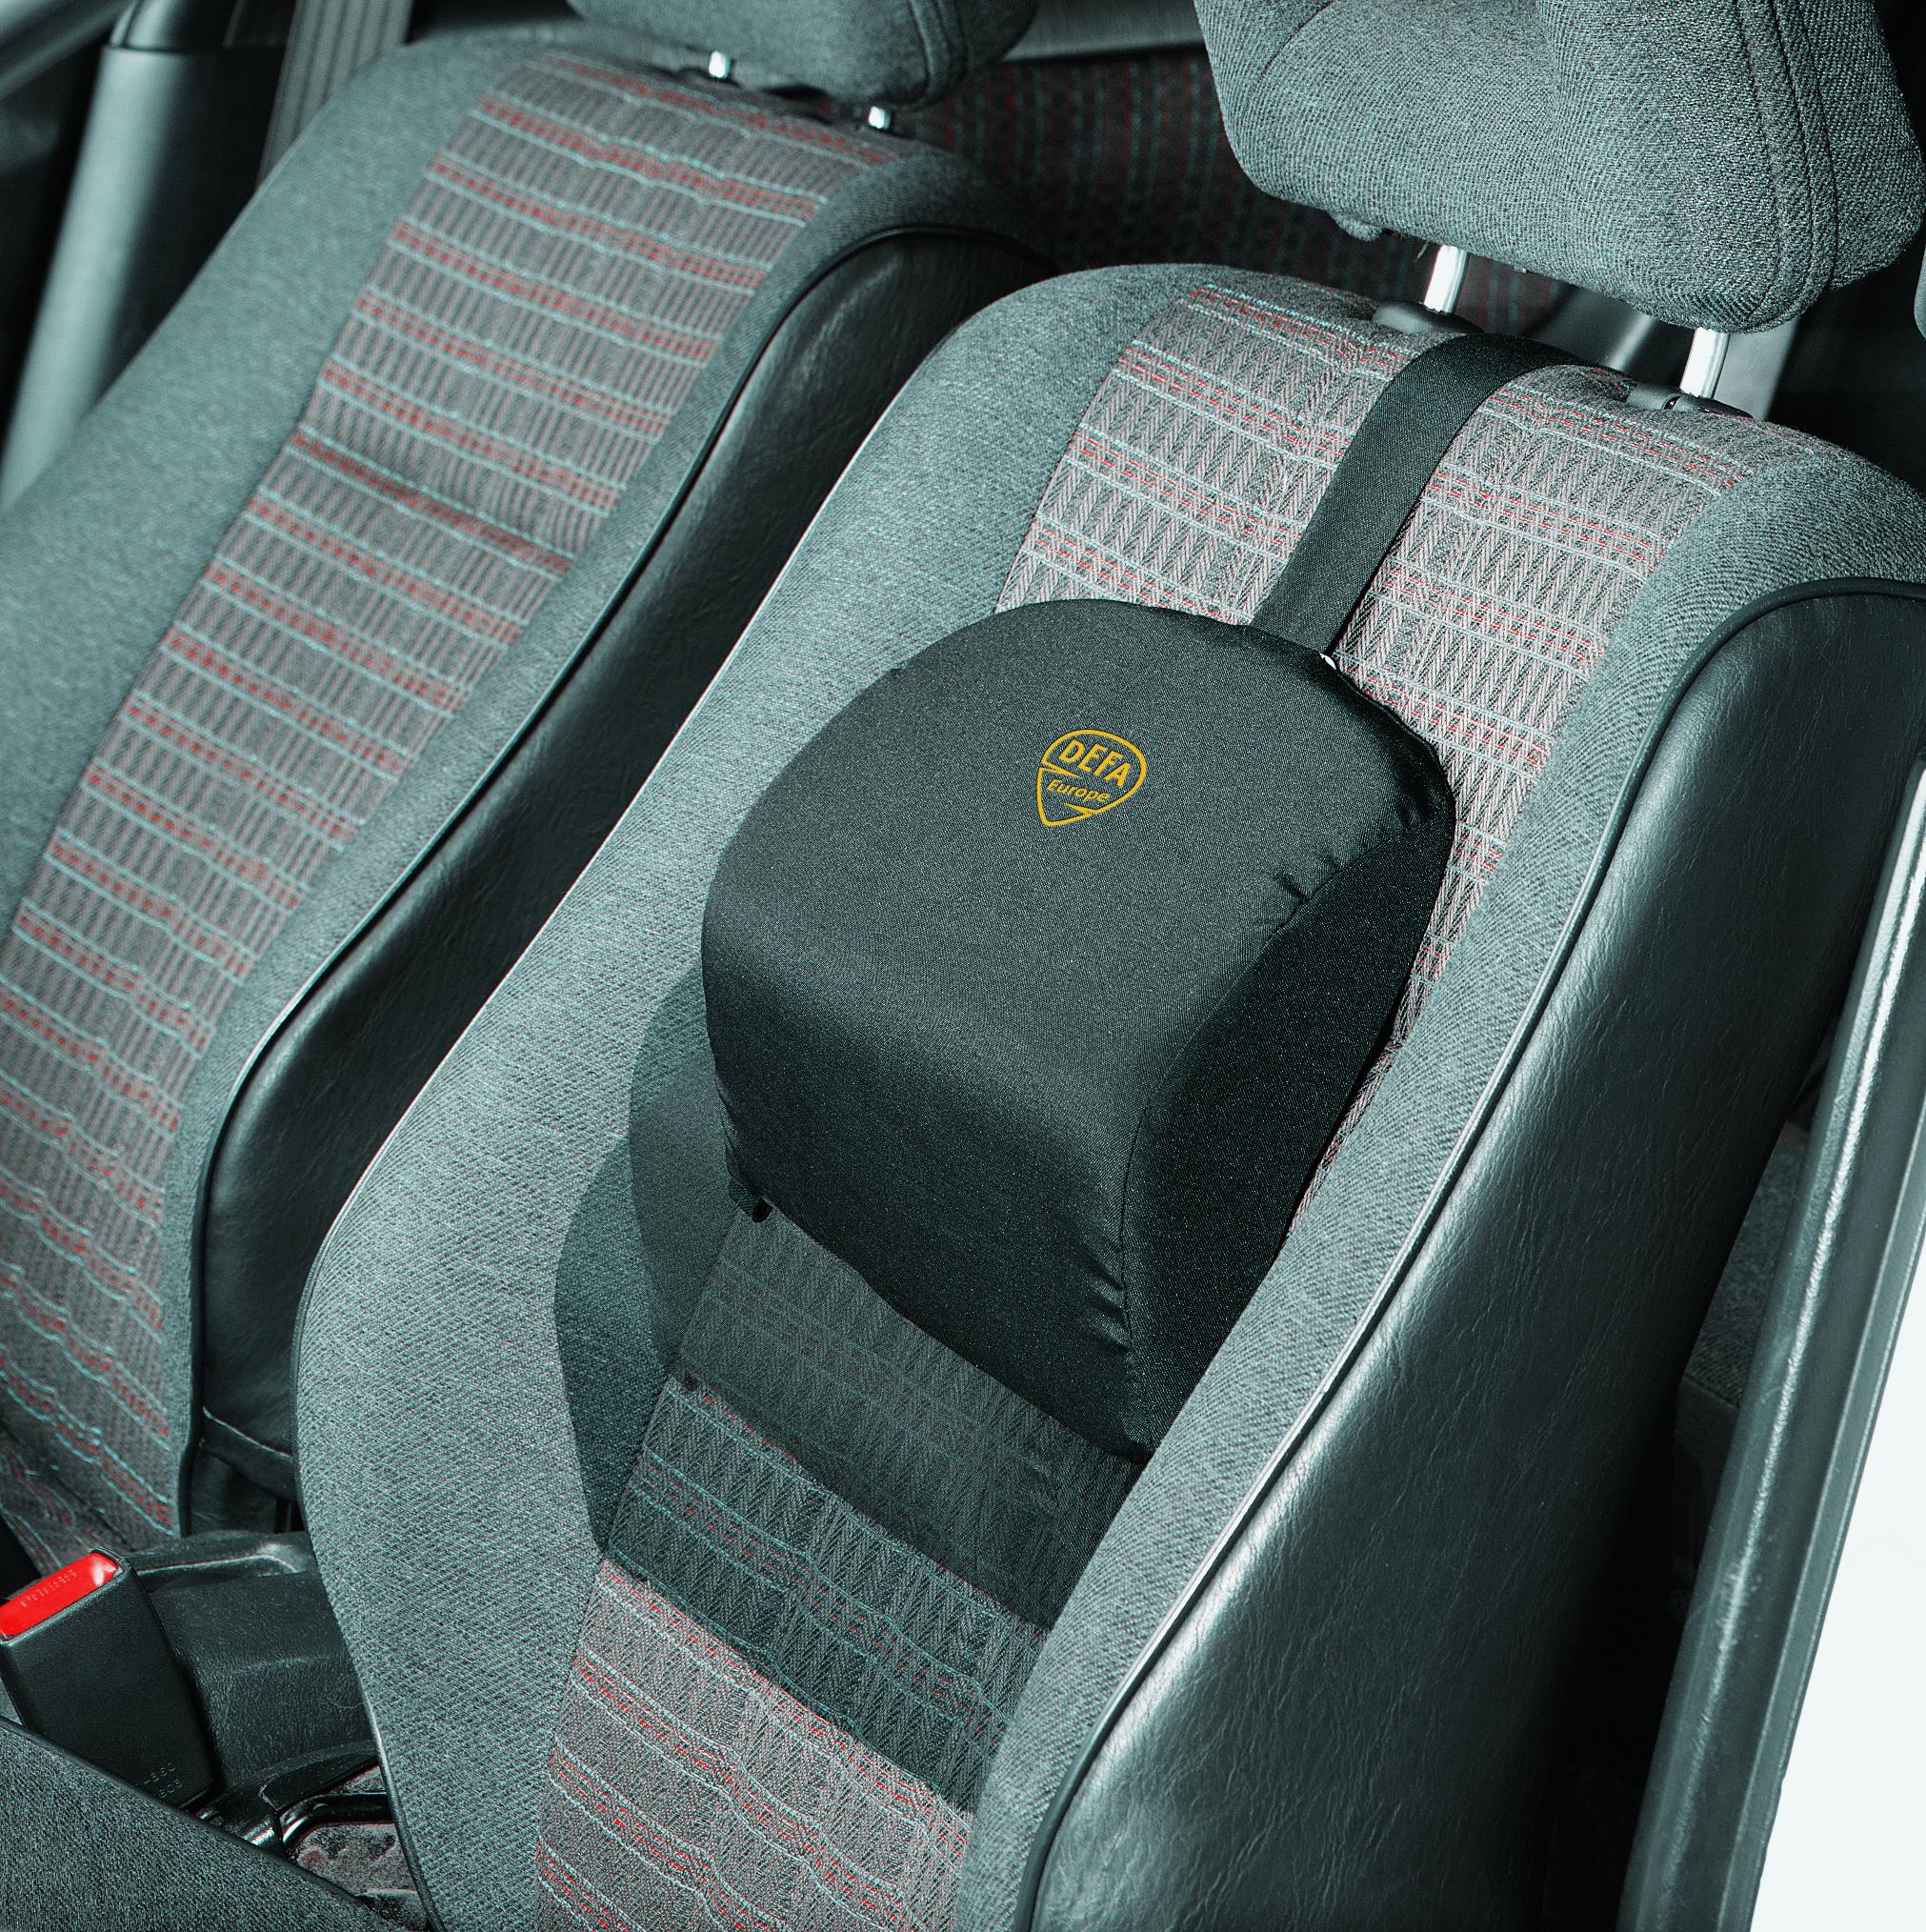 DEFA lordózní opěrka sedadla černá. Přidat do oblíbených 82220a71a2